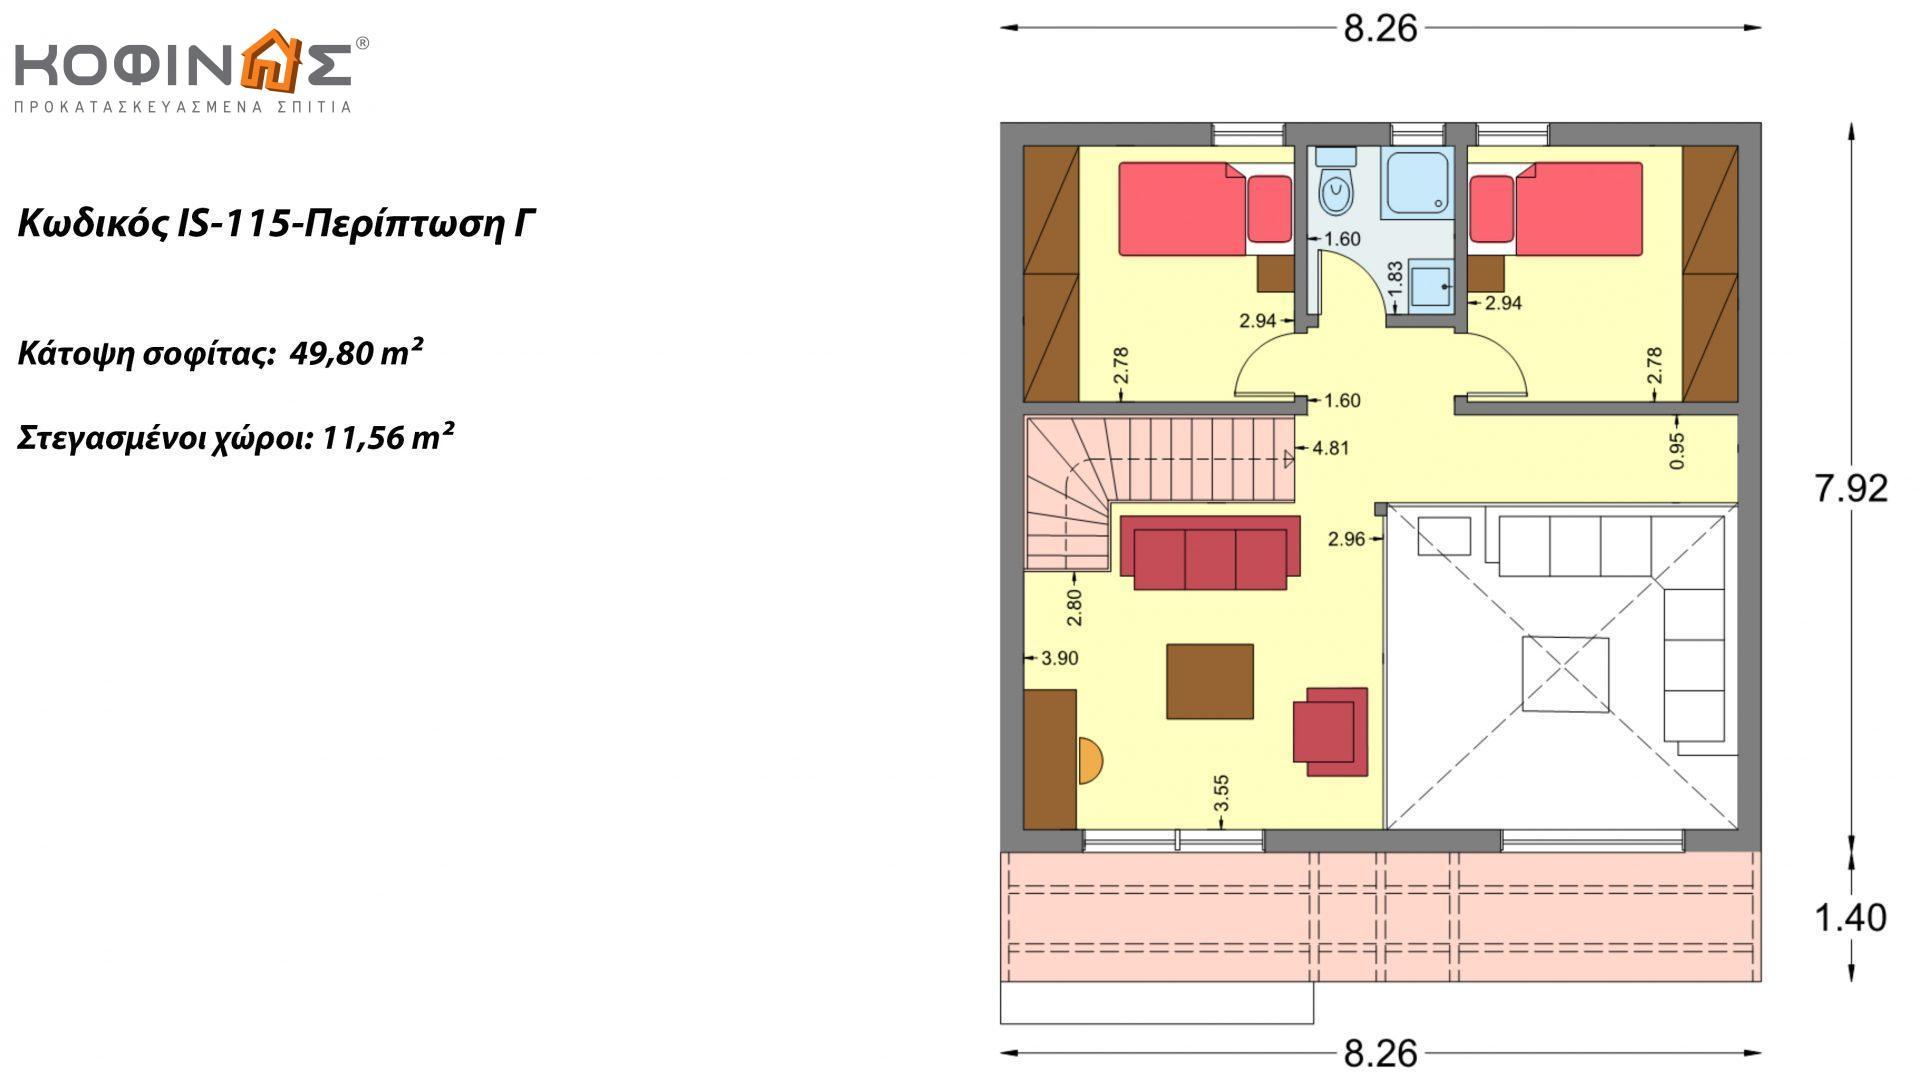 Ισόγεια Κατοικία με Σοφίτα IS-115, συνολικής επιφάνειας 115,18 τ.μ. ,συνολική επιφάνεια στεγασμένων χώρων 17,85 τ.μ.